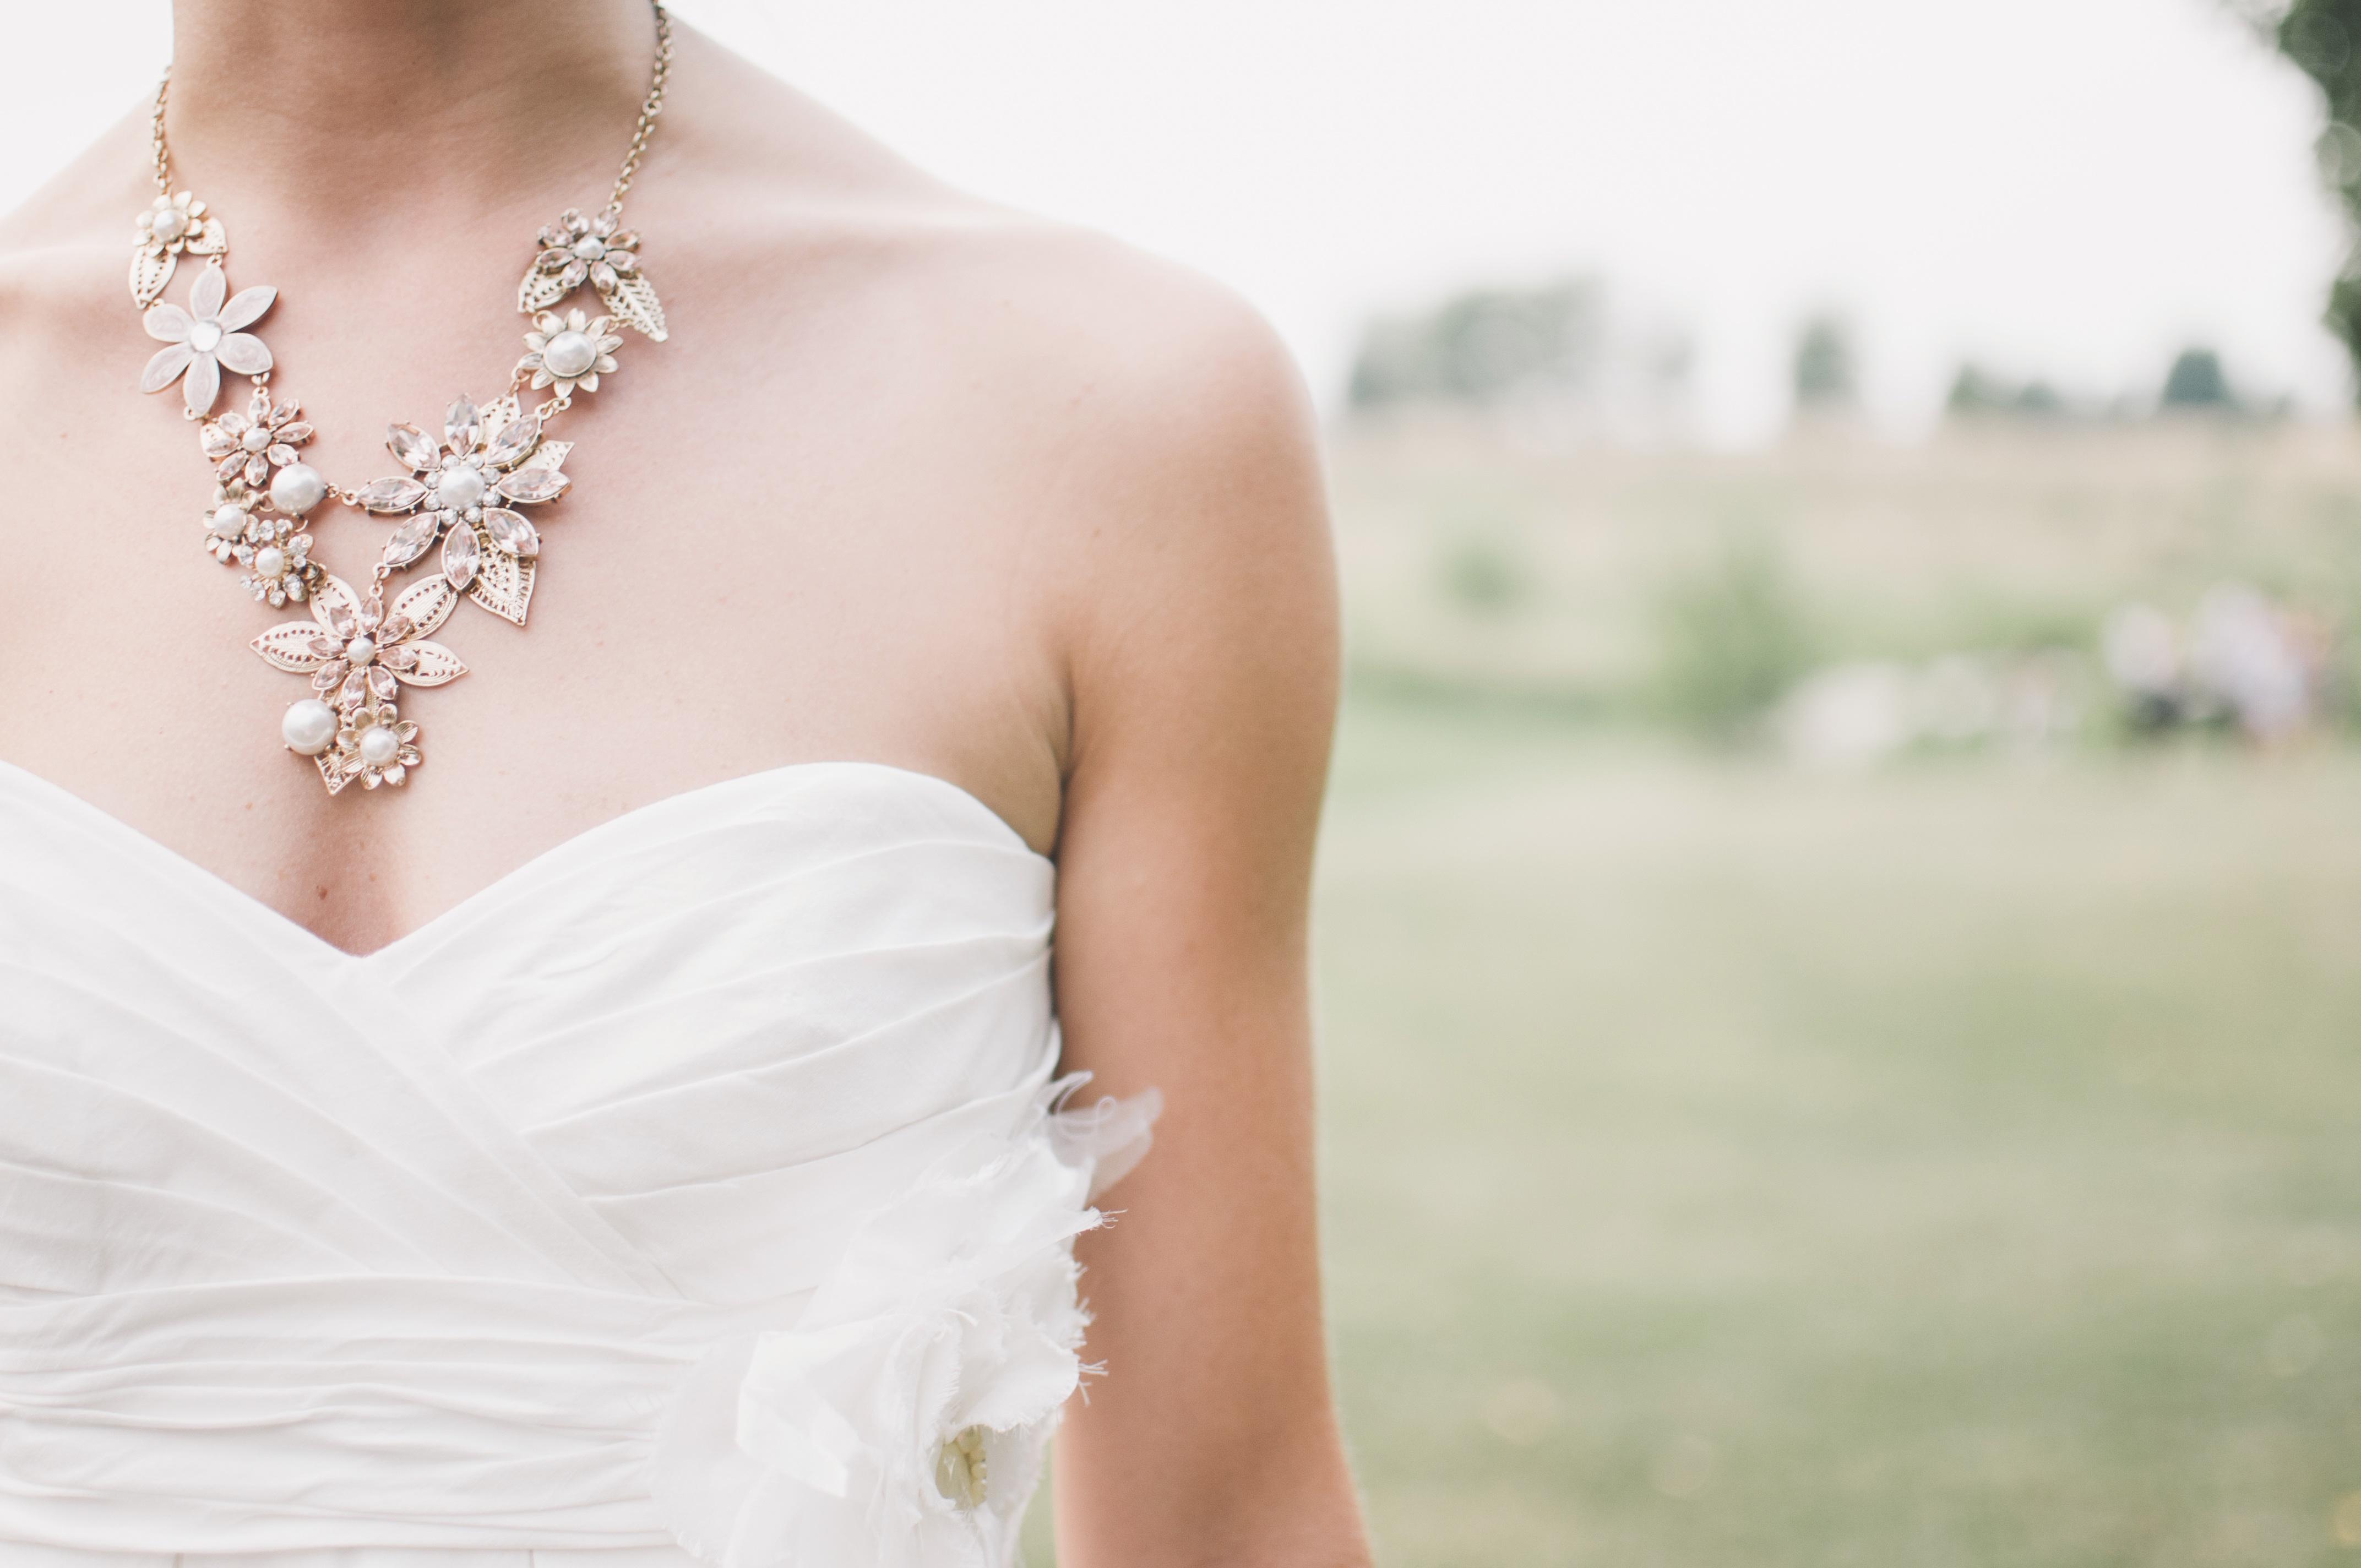 Ce qu'il ne faut pas négliger pour choisir sa robe de mariée (Part 2)